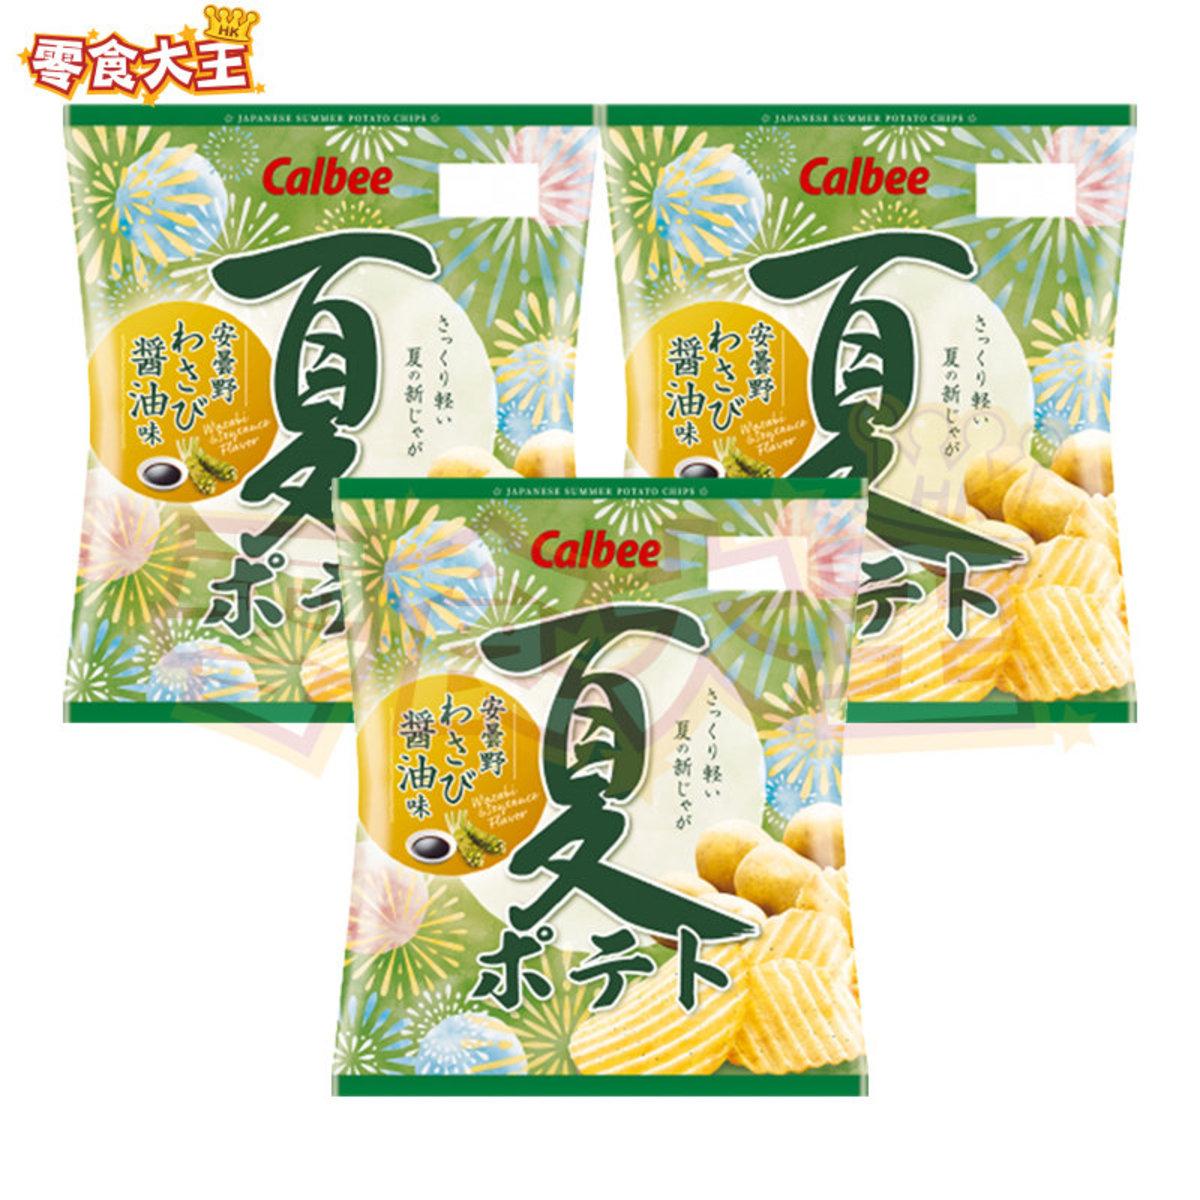 Natsu Potato Azumino Wasabi Shoyu Flavor 65g x 3 bags [Summer Limited] (4901330559922_3)